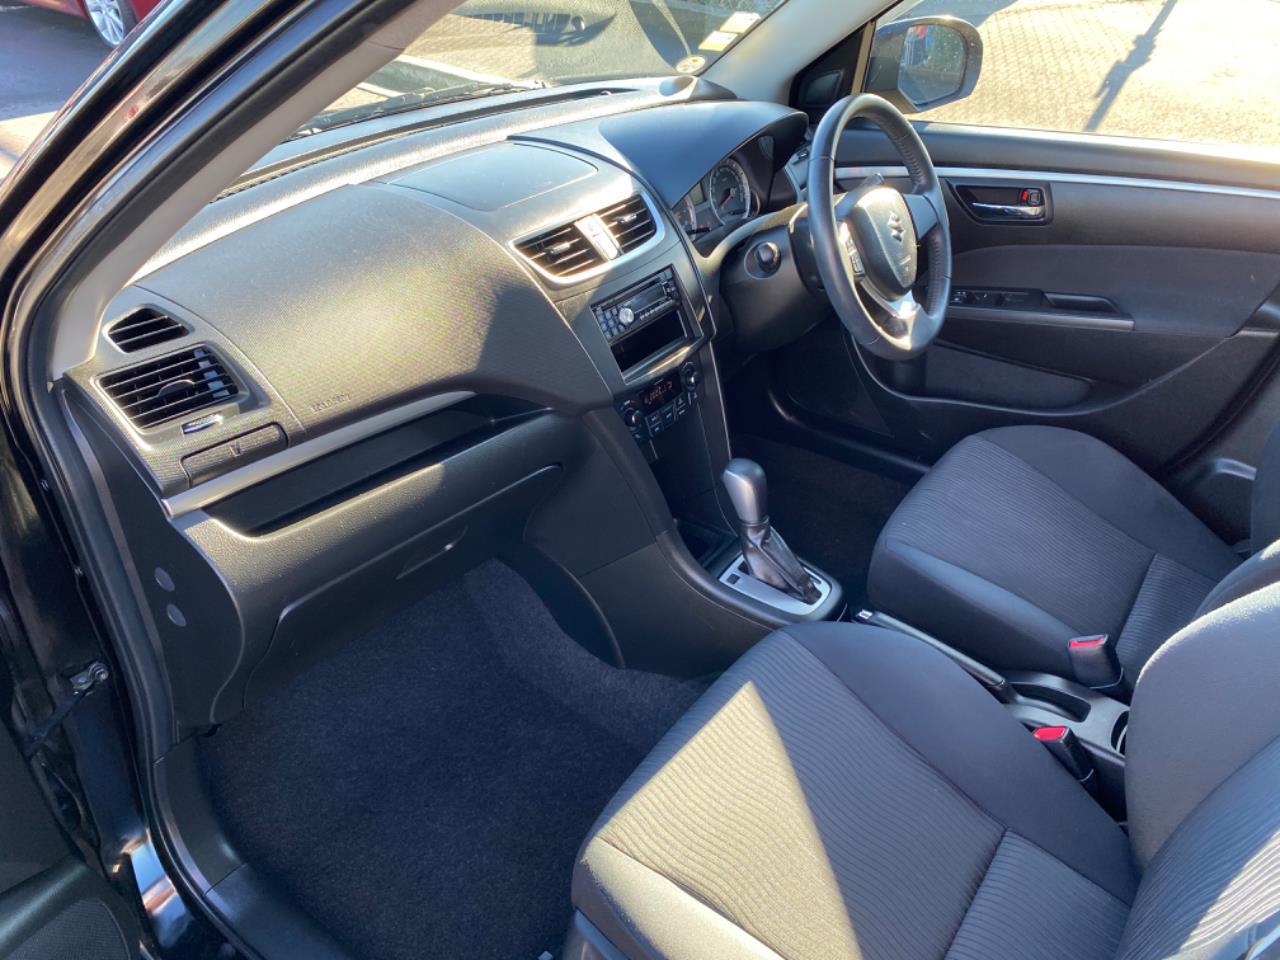 image-13, 2010 Suzuki Swift 1.2lt XL Hatchback at Christchurch